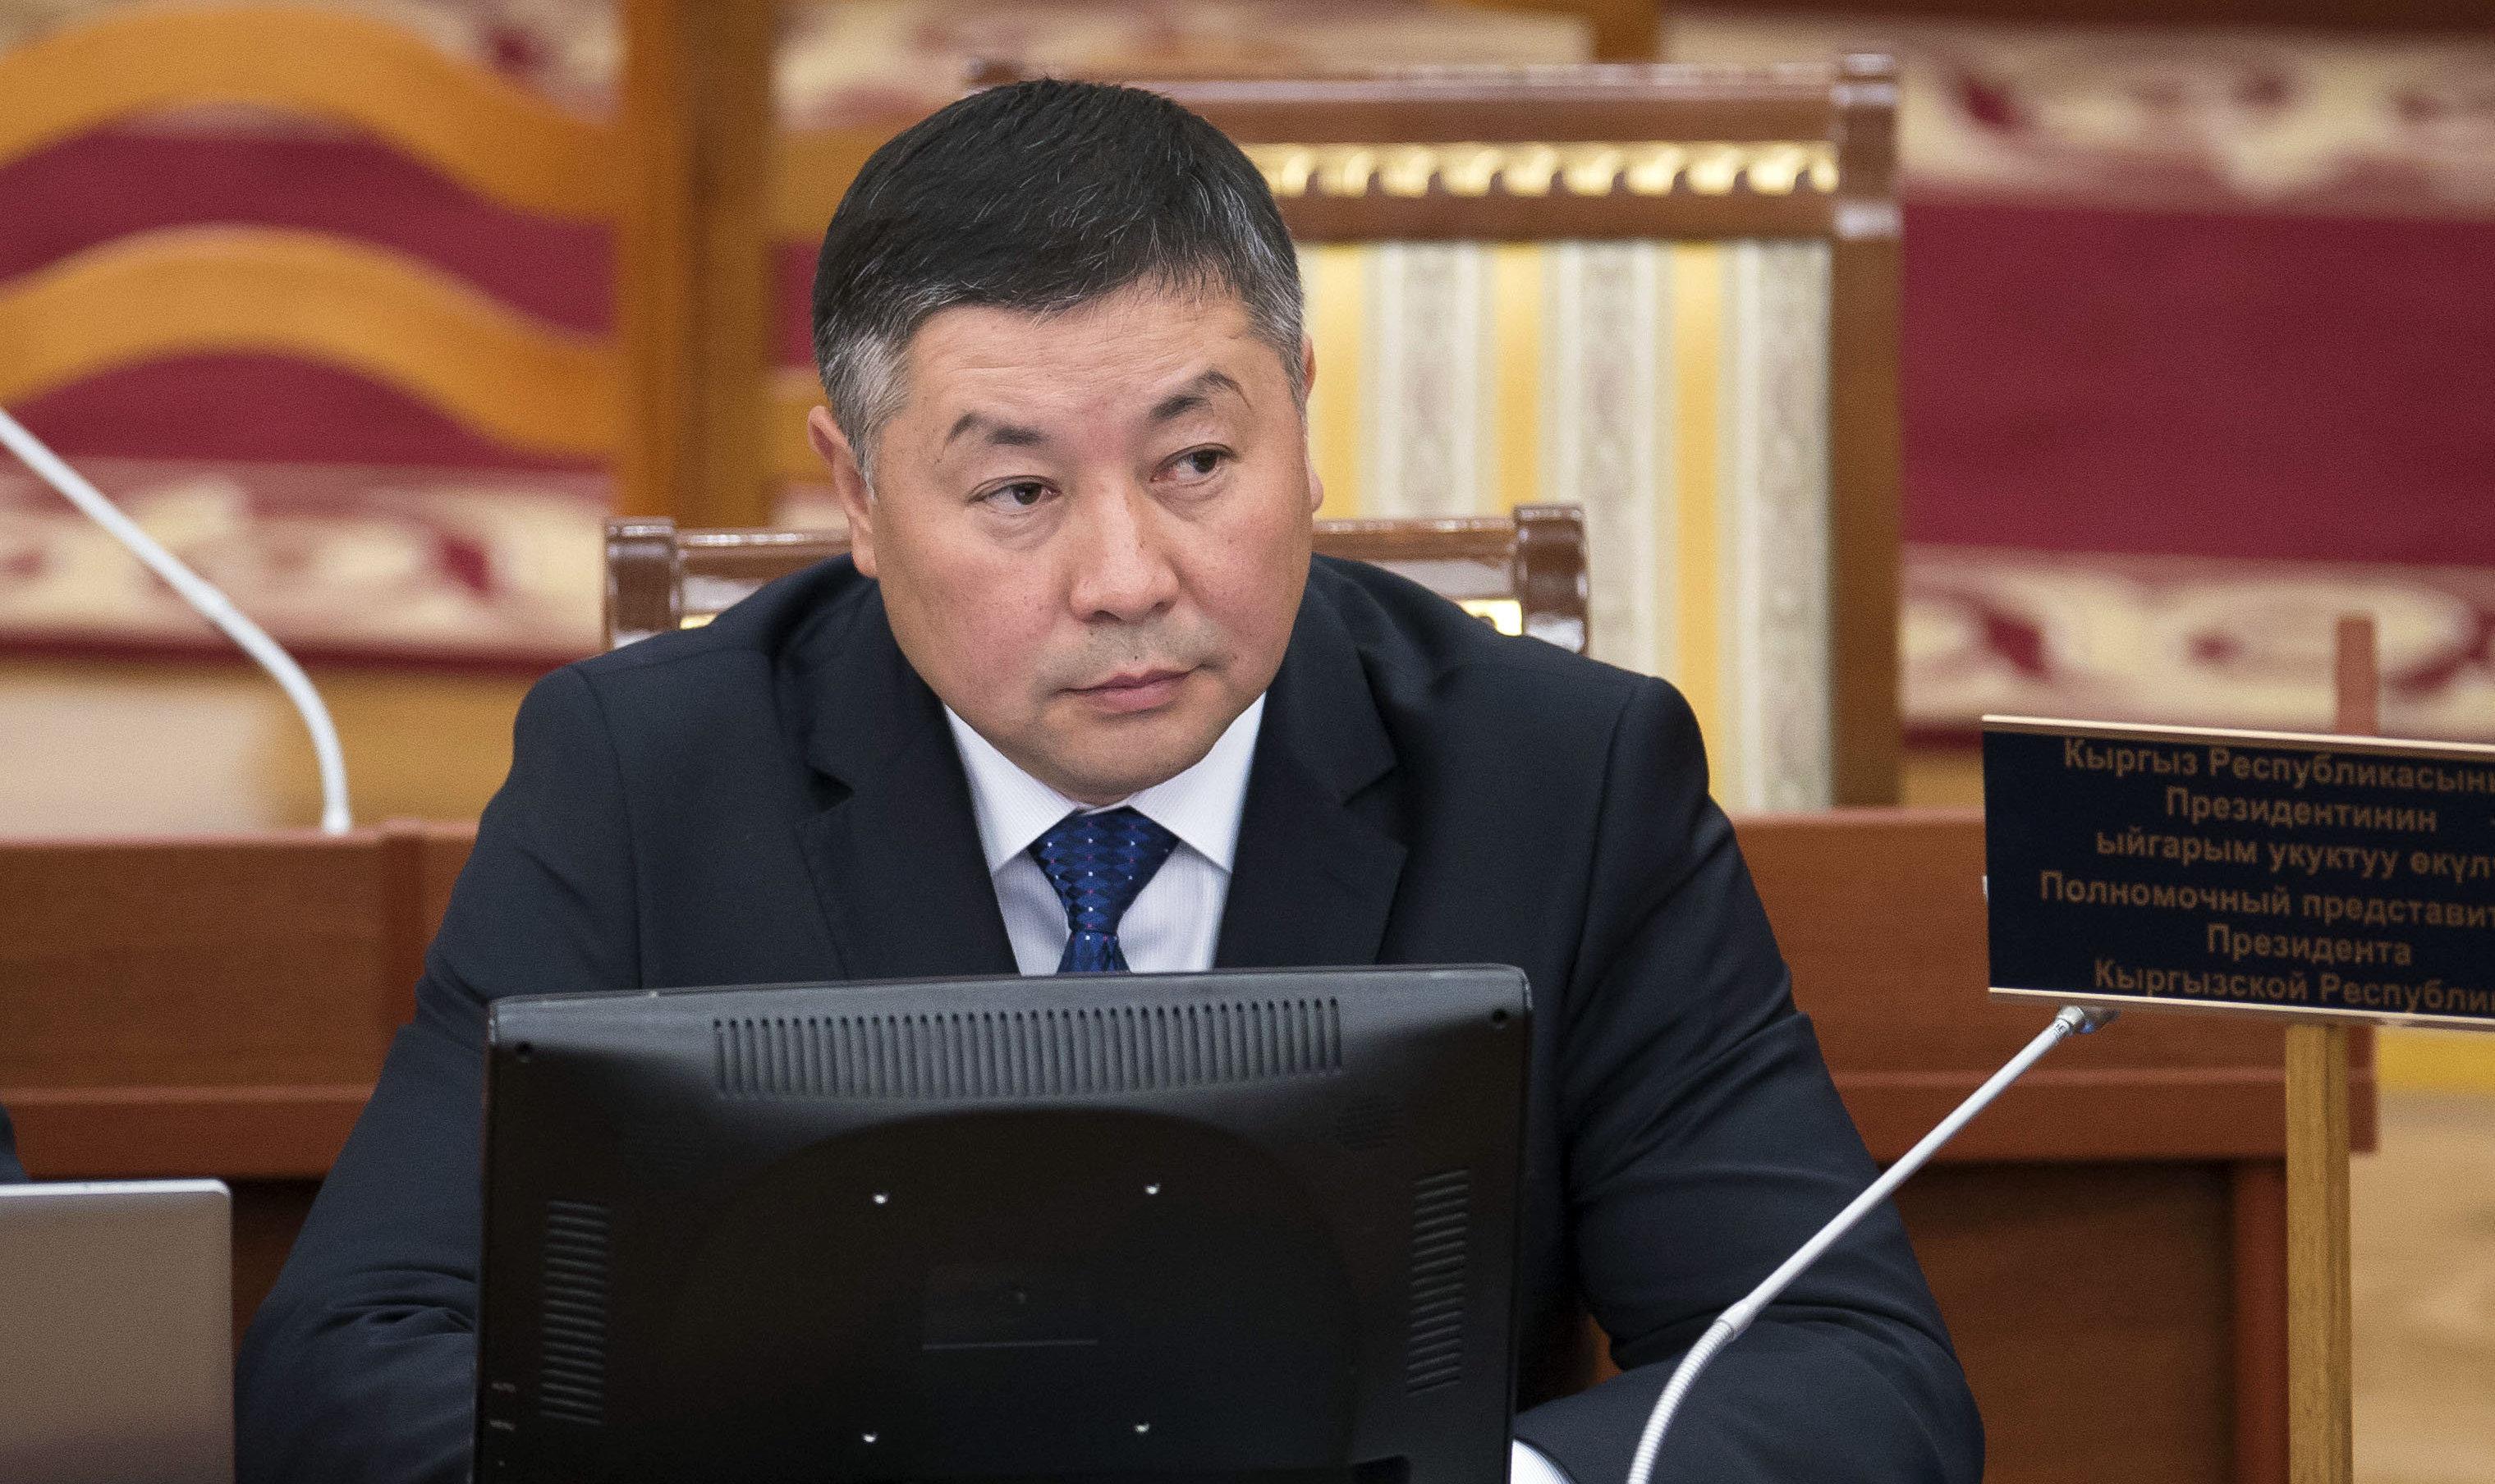 Депутат ЖК шестого созыва Канатбек Исаев от партии Кыргызстан. Архивное фото